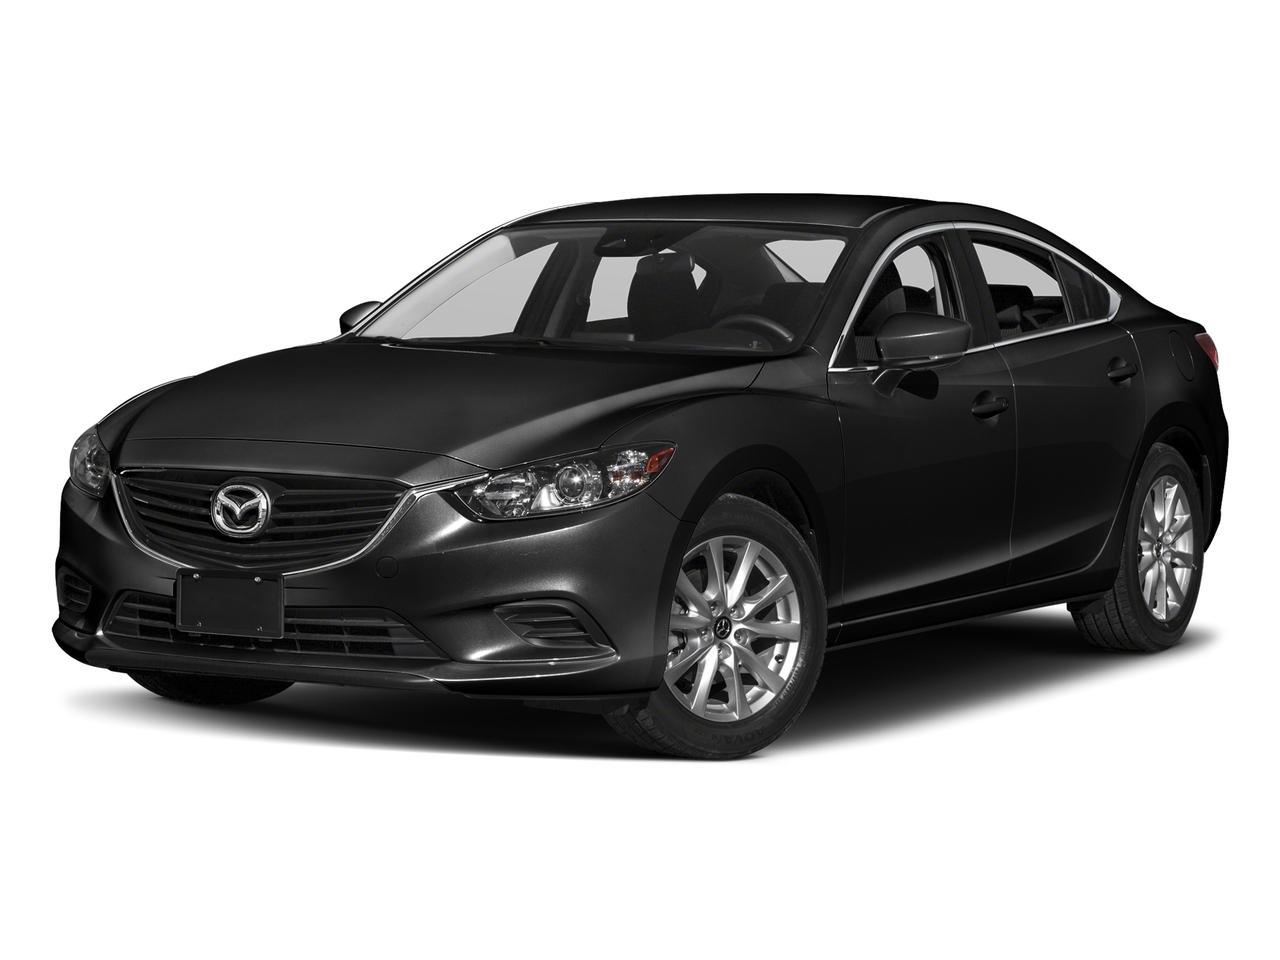 2017 Mazda Mazda6 Vehicle Photo in Appleton, WI 54913